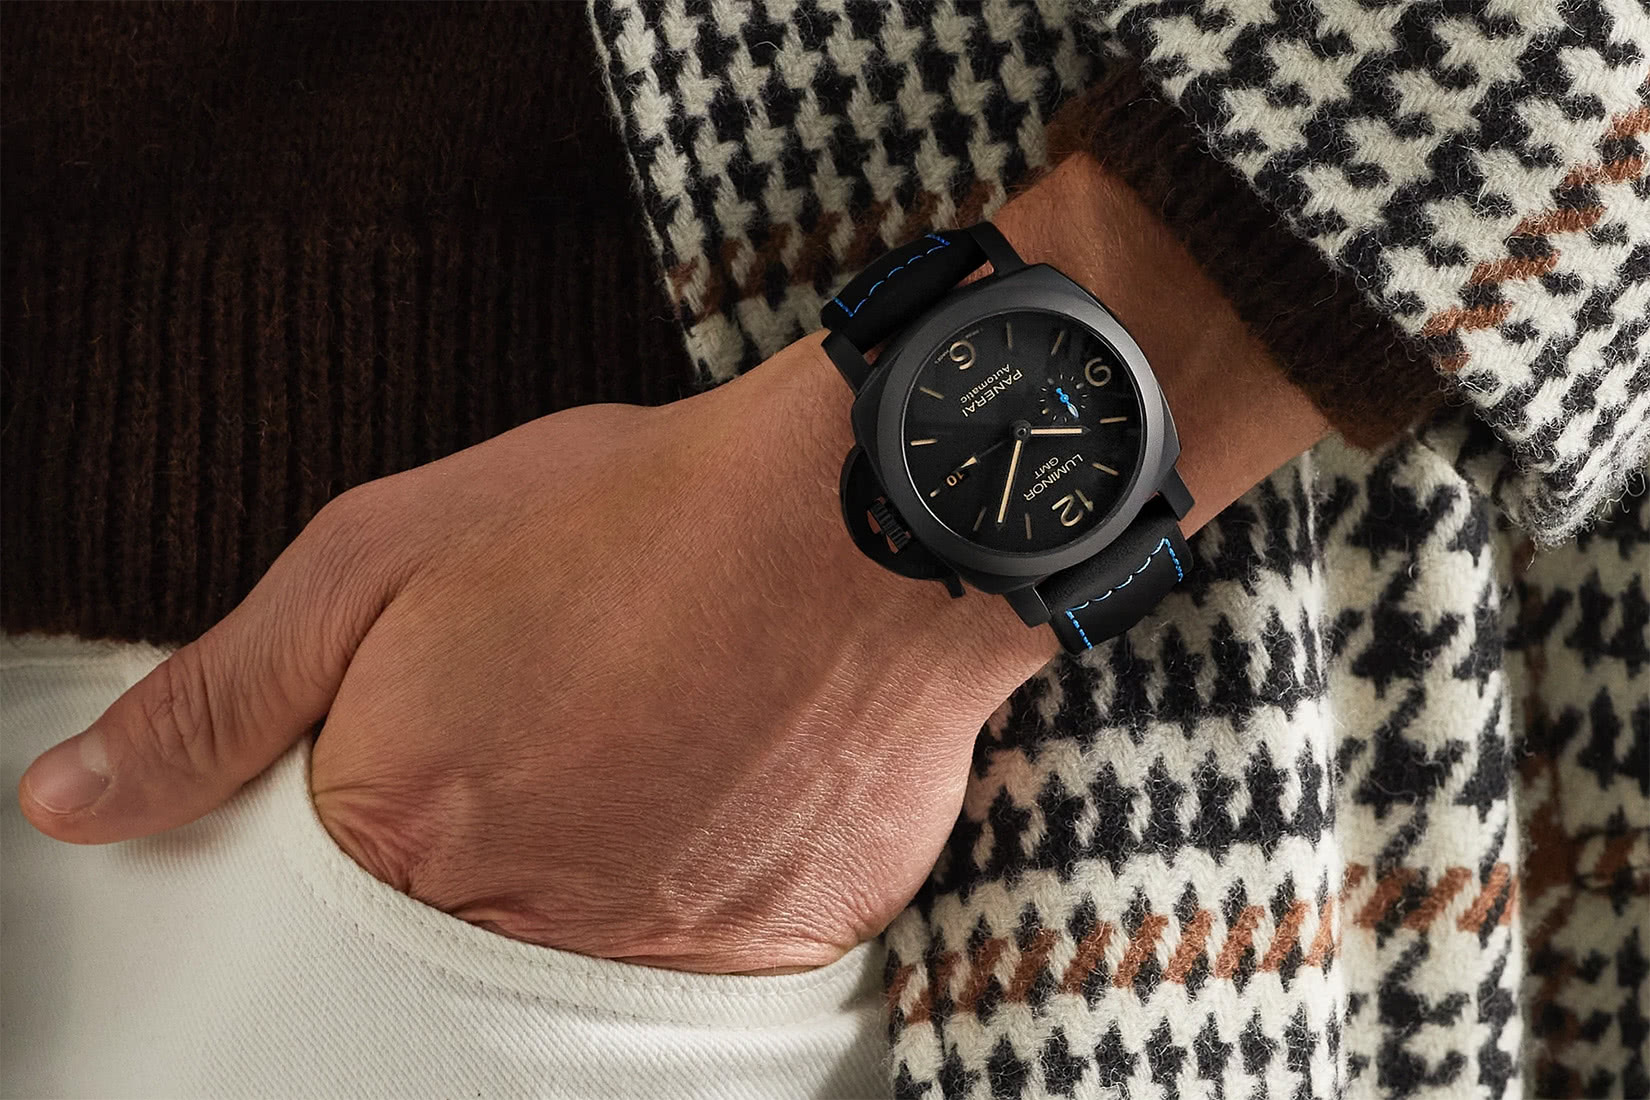 watch size guide case diameter - Luxe Digital